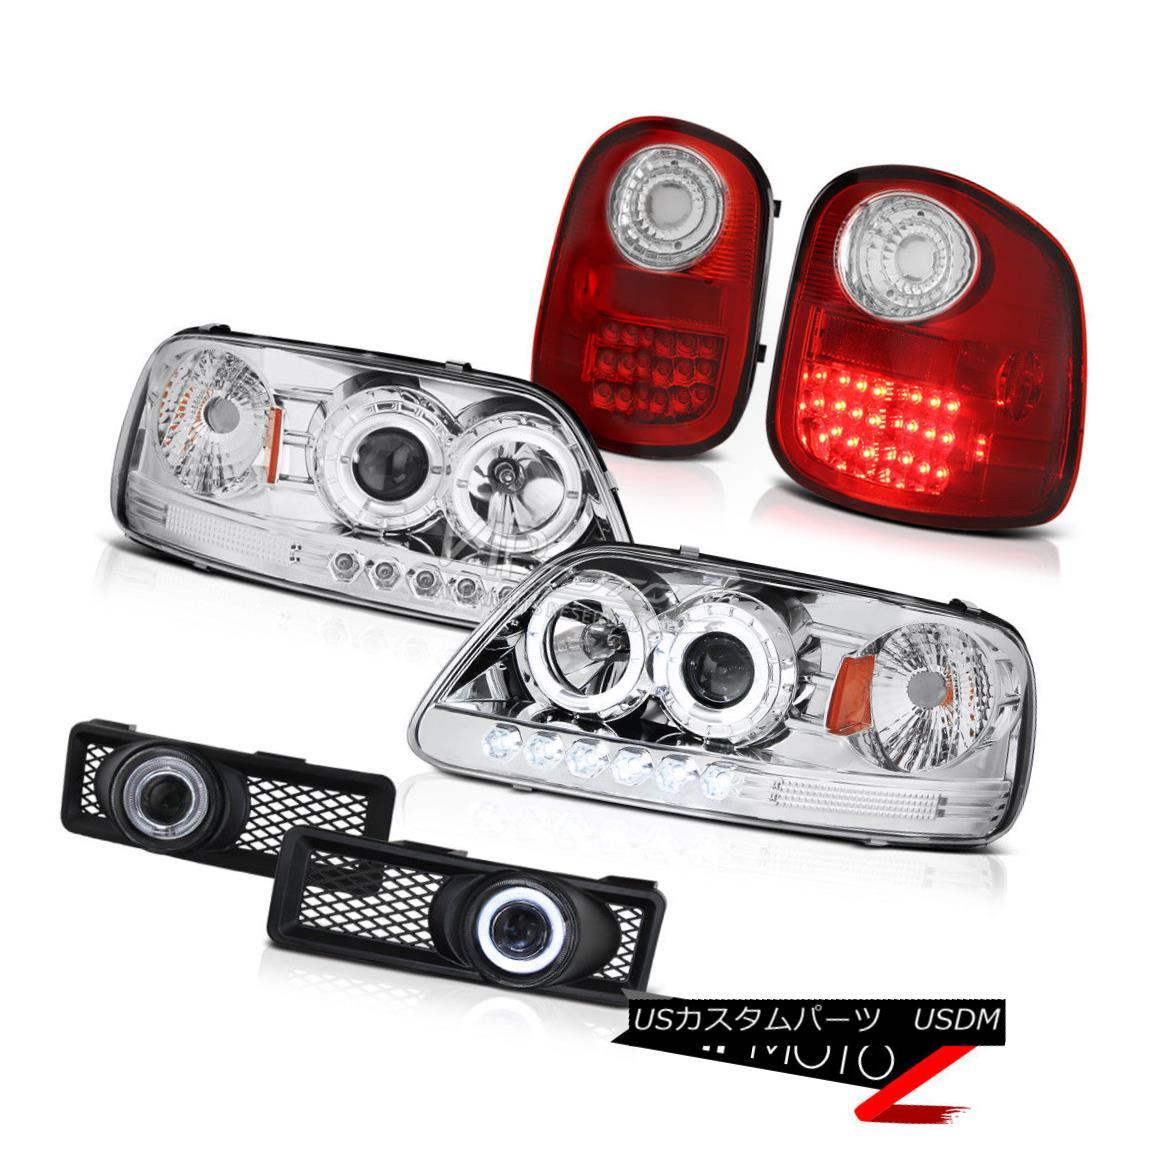 テールライト Halo Projector {CHRoME} Headlight+{RED/CLEAR} LED Tail Light+Fog Lamp 97-98 F150 Halo Projector {CHRoME}ヘッドライト+ {RED / CLEAR} LEDテールライト+フォグランプ97-98 F150